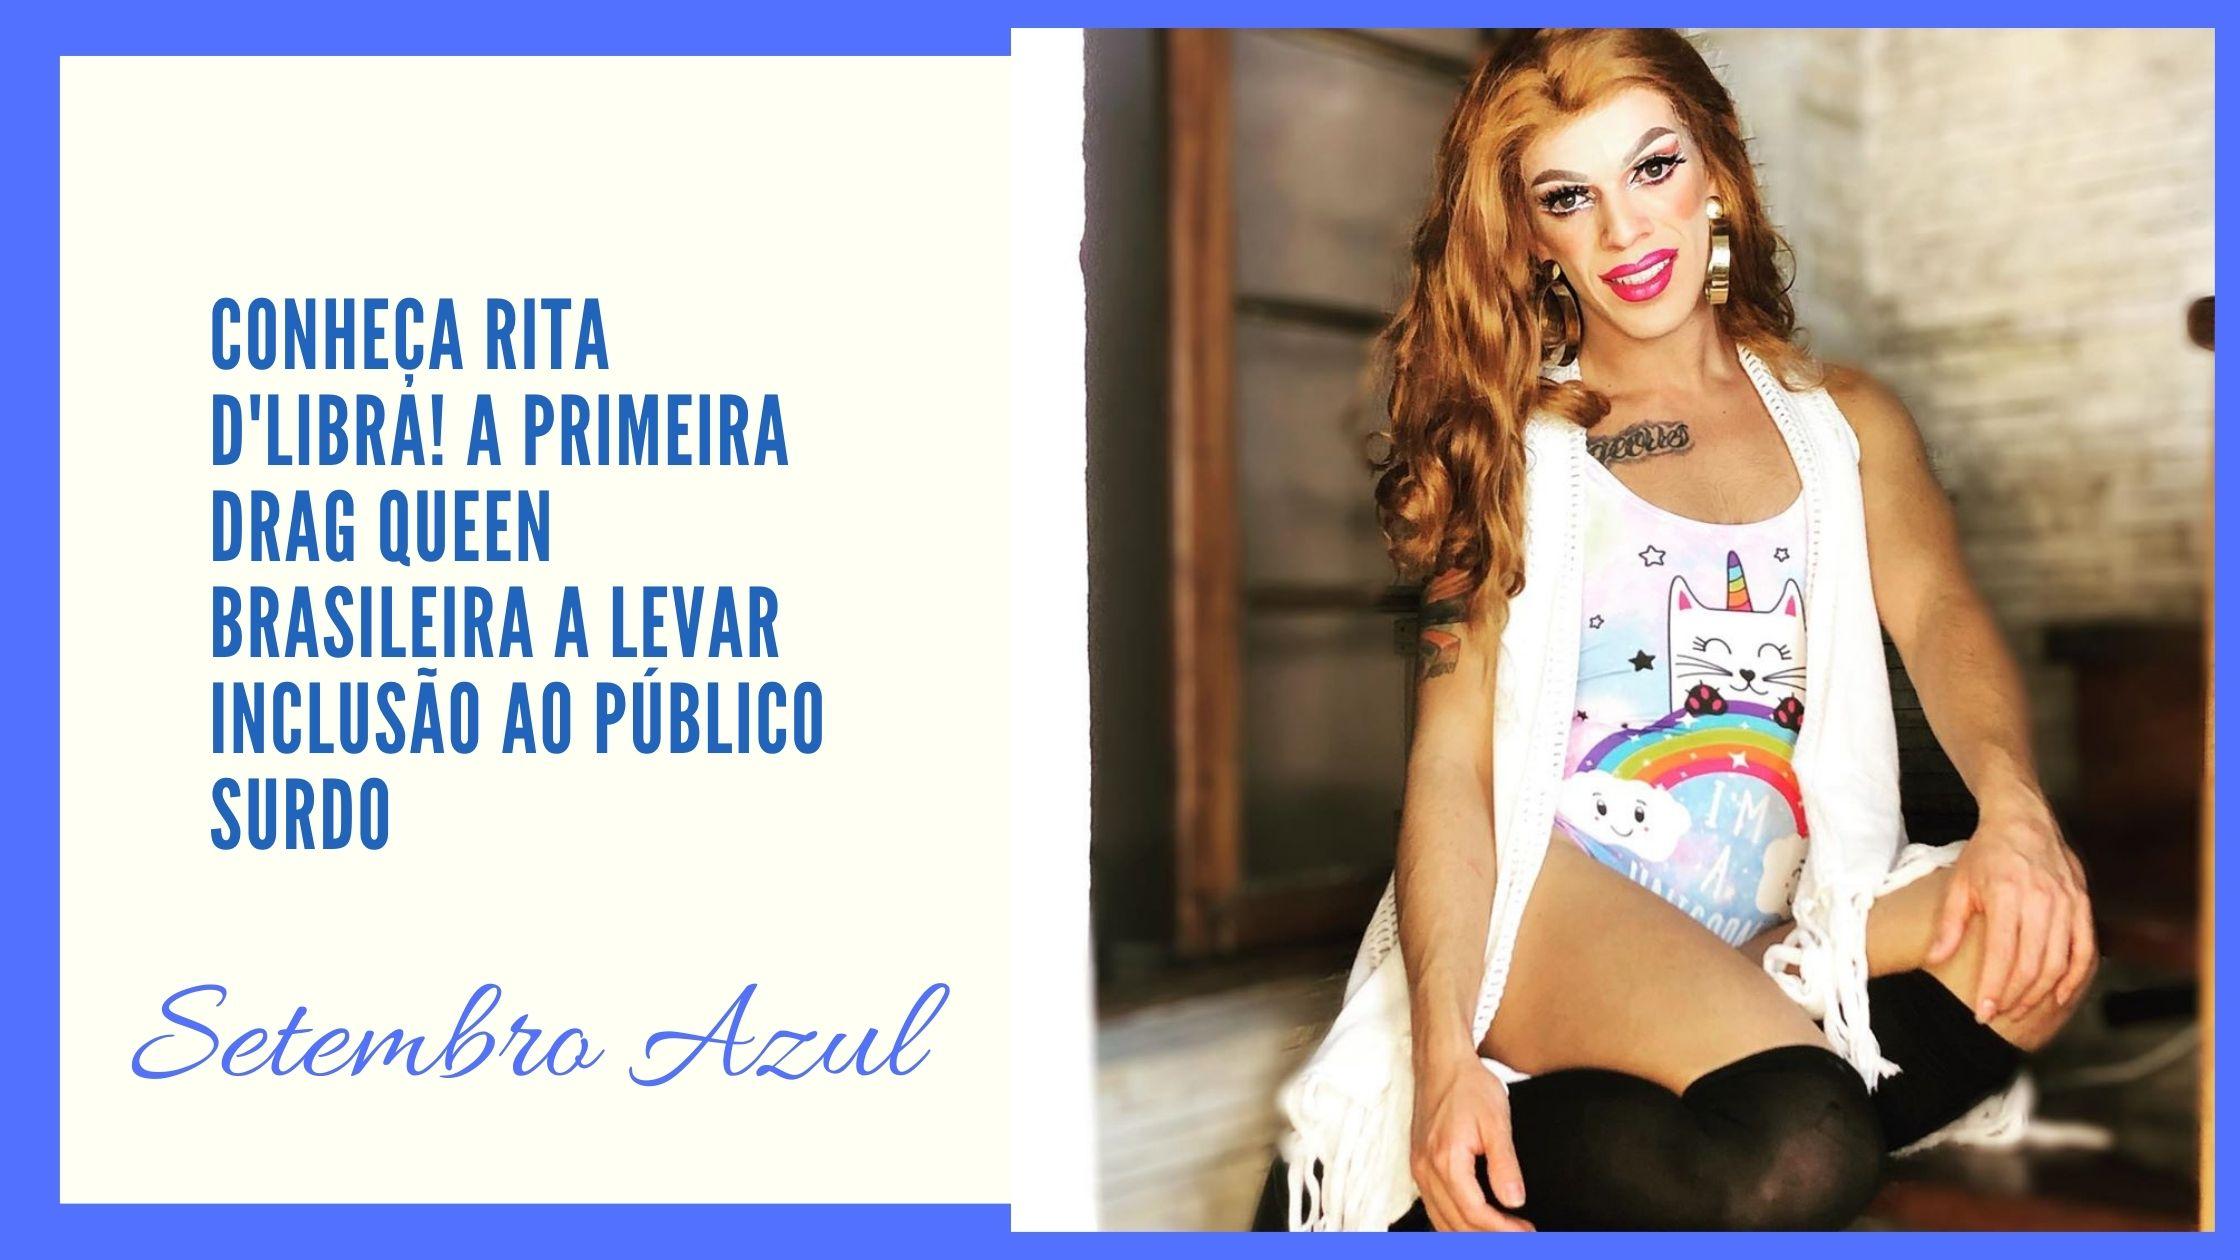 CONHEÇA RITA D'LIBRA! A PRIMEIRA DRAG QUEEN BRASILEIRA A LEVAR INCLUSÃO AO PÚBLICO SURDO (1)